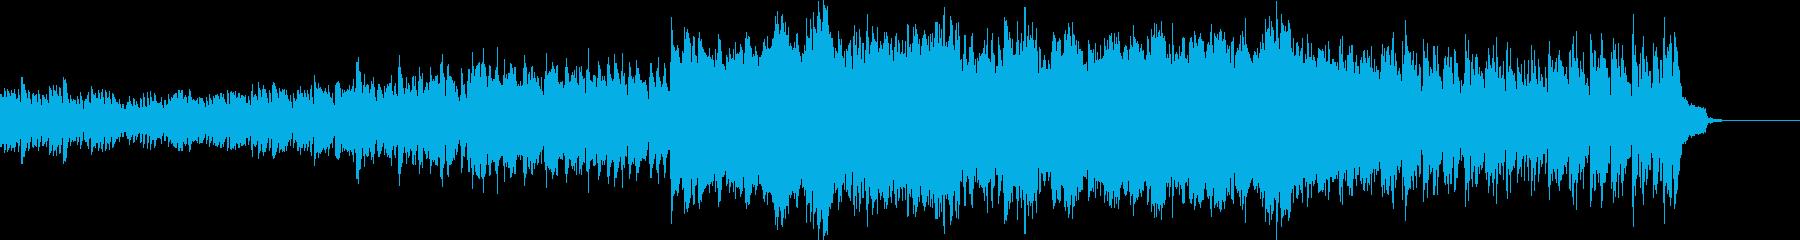 波のようなピアノと弦楽器の映像用BGMの再生済みの波形